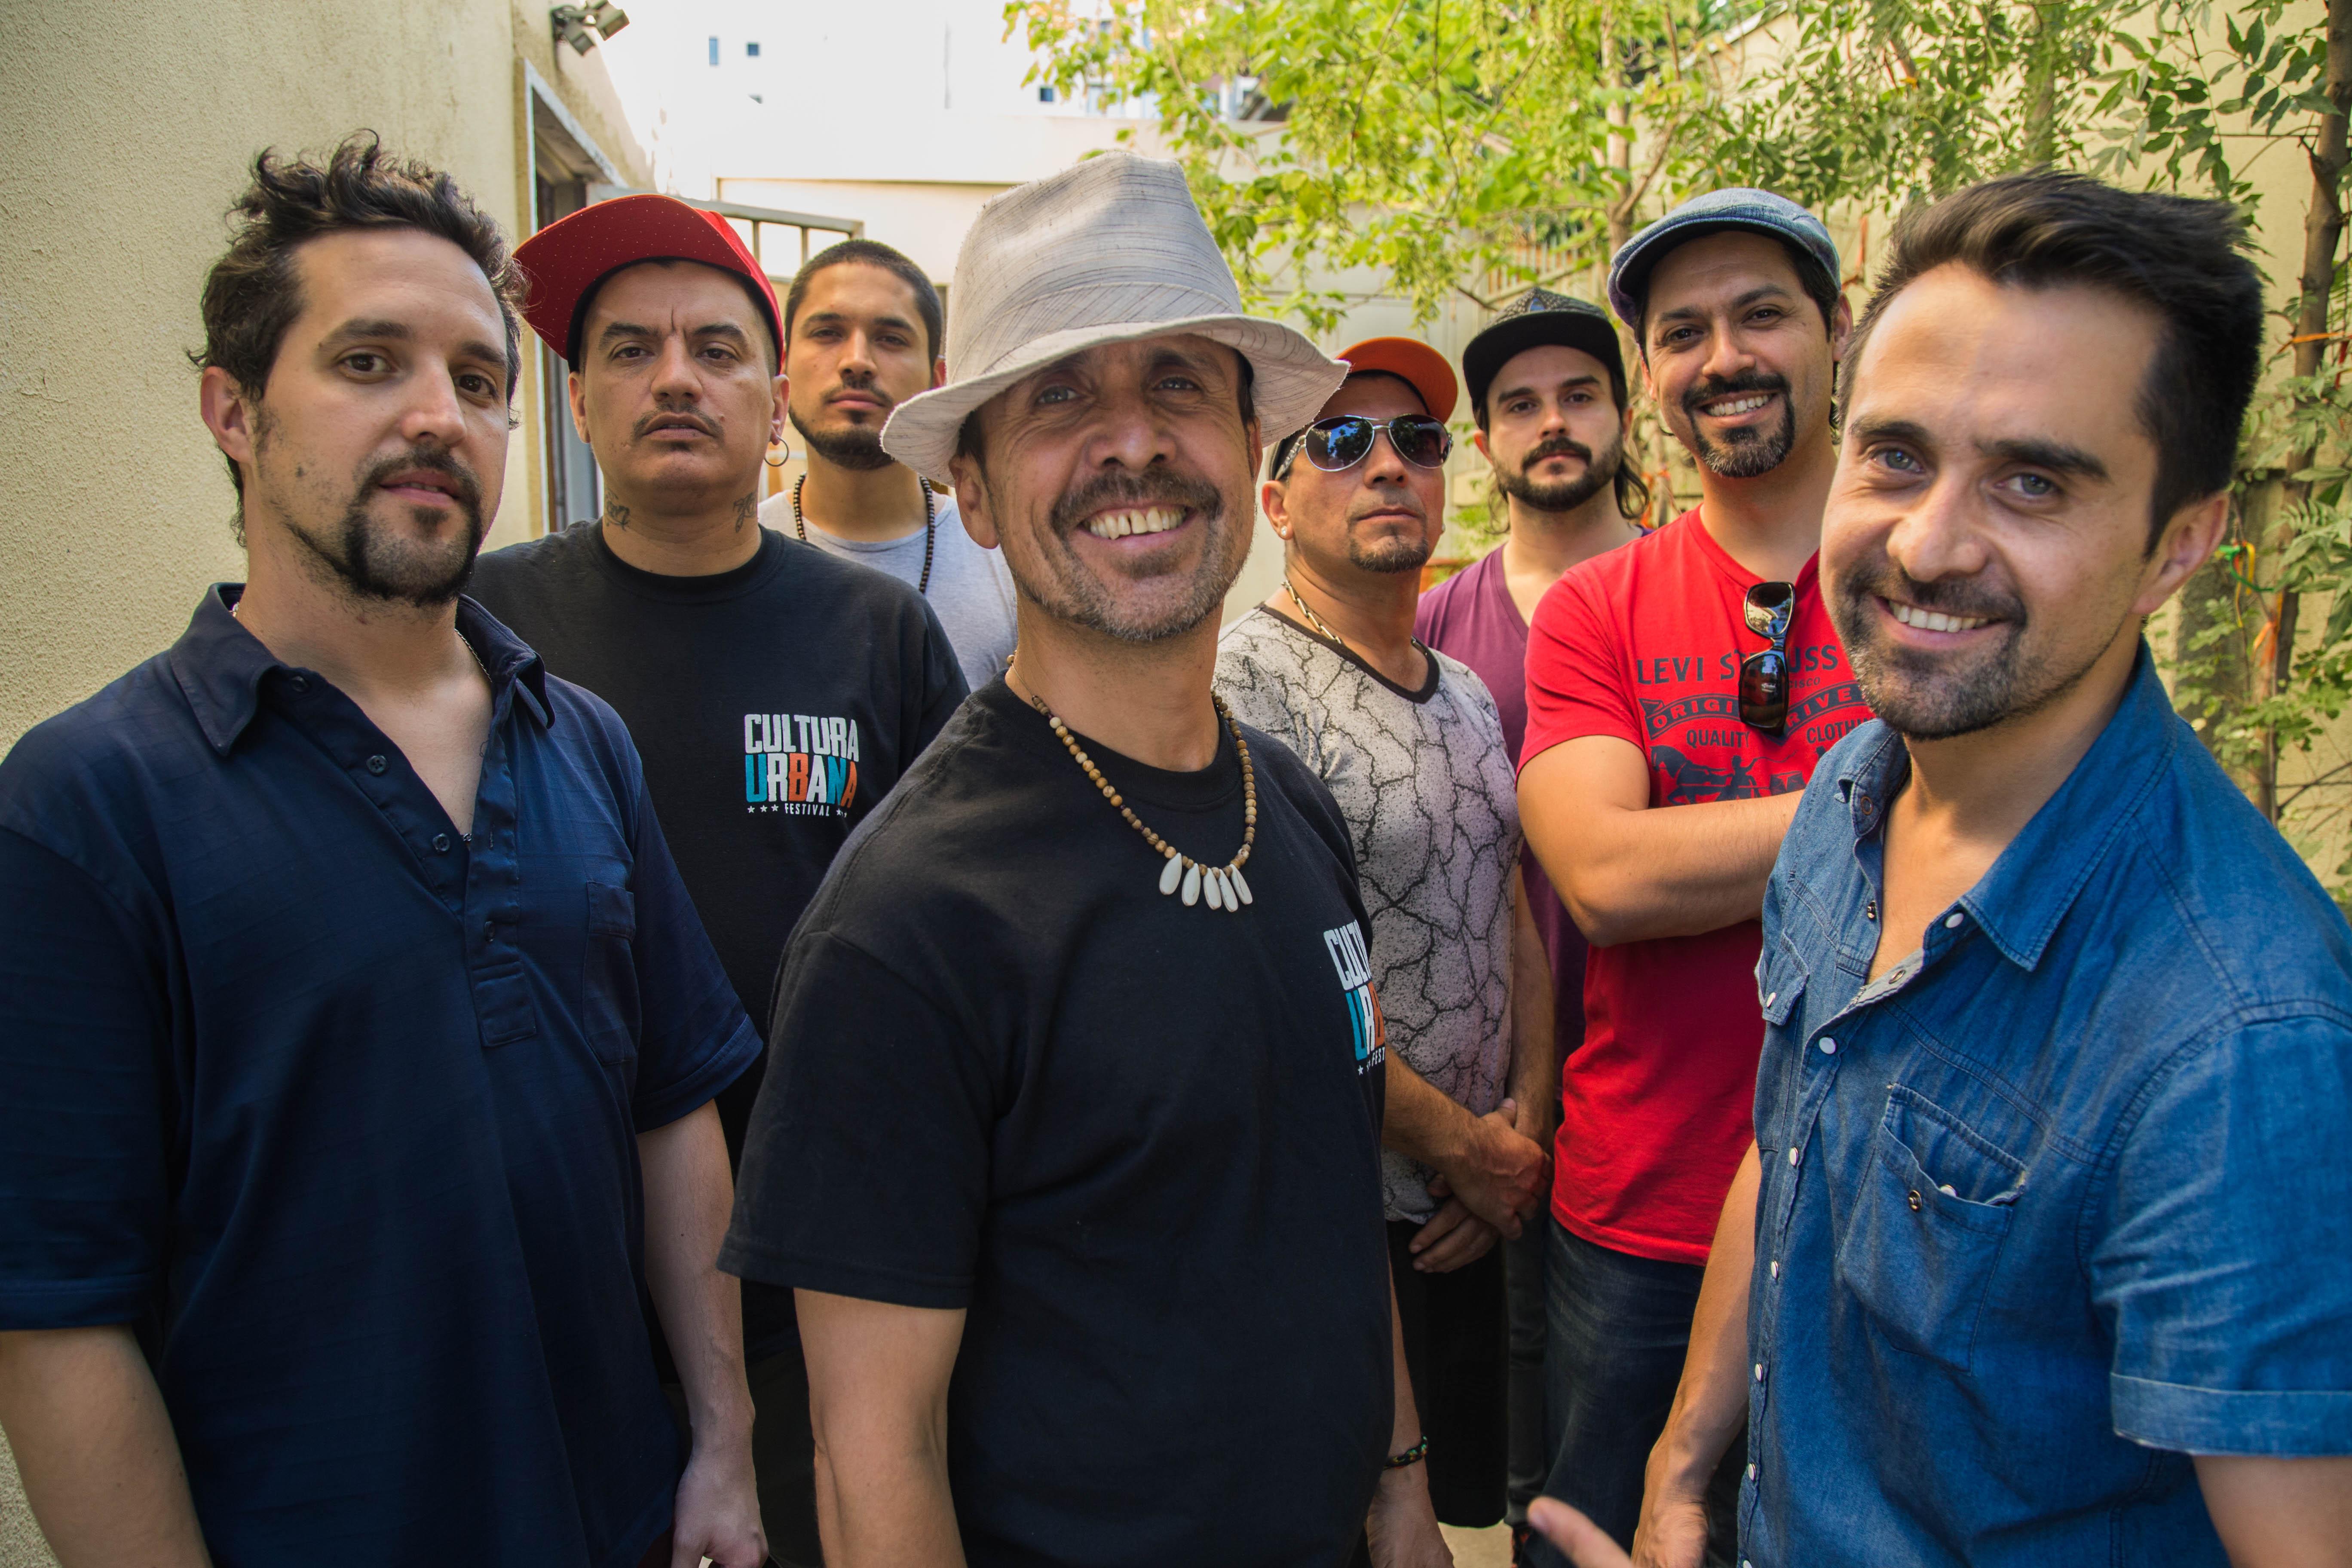 La agrupación nacional De Kiruza comenzó campaña crowfunding en Fondeadora para reunir fondos para su próximo disco